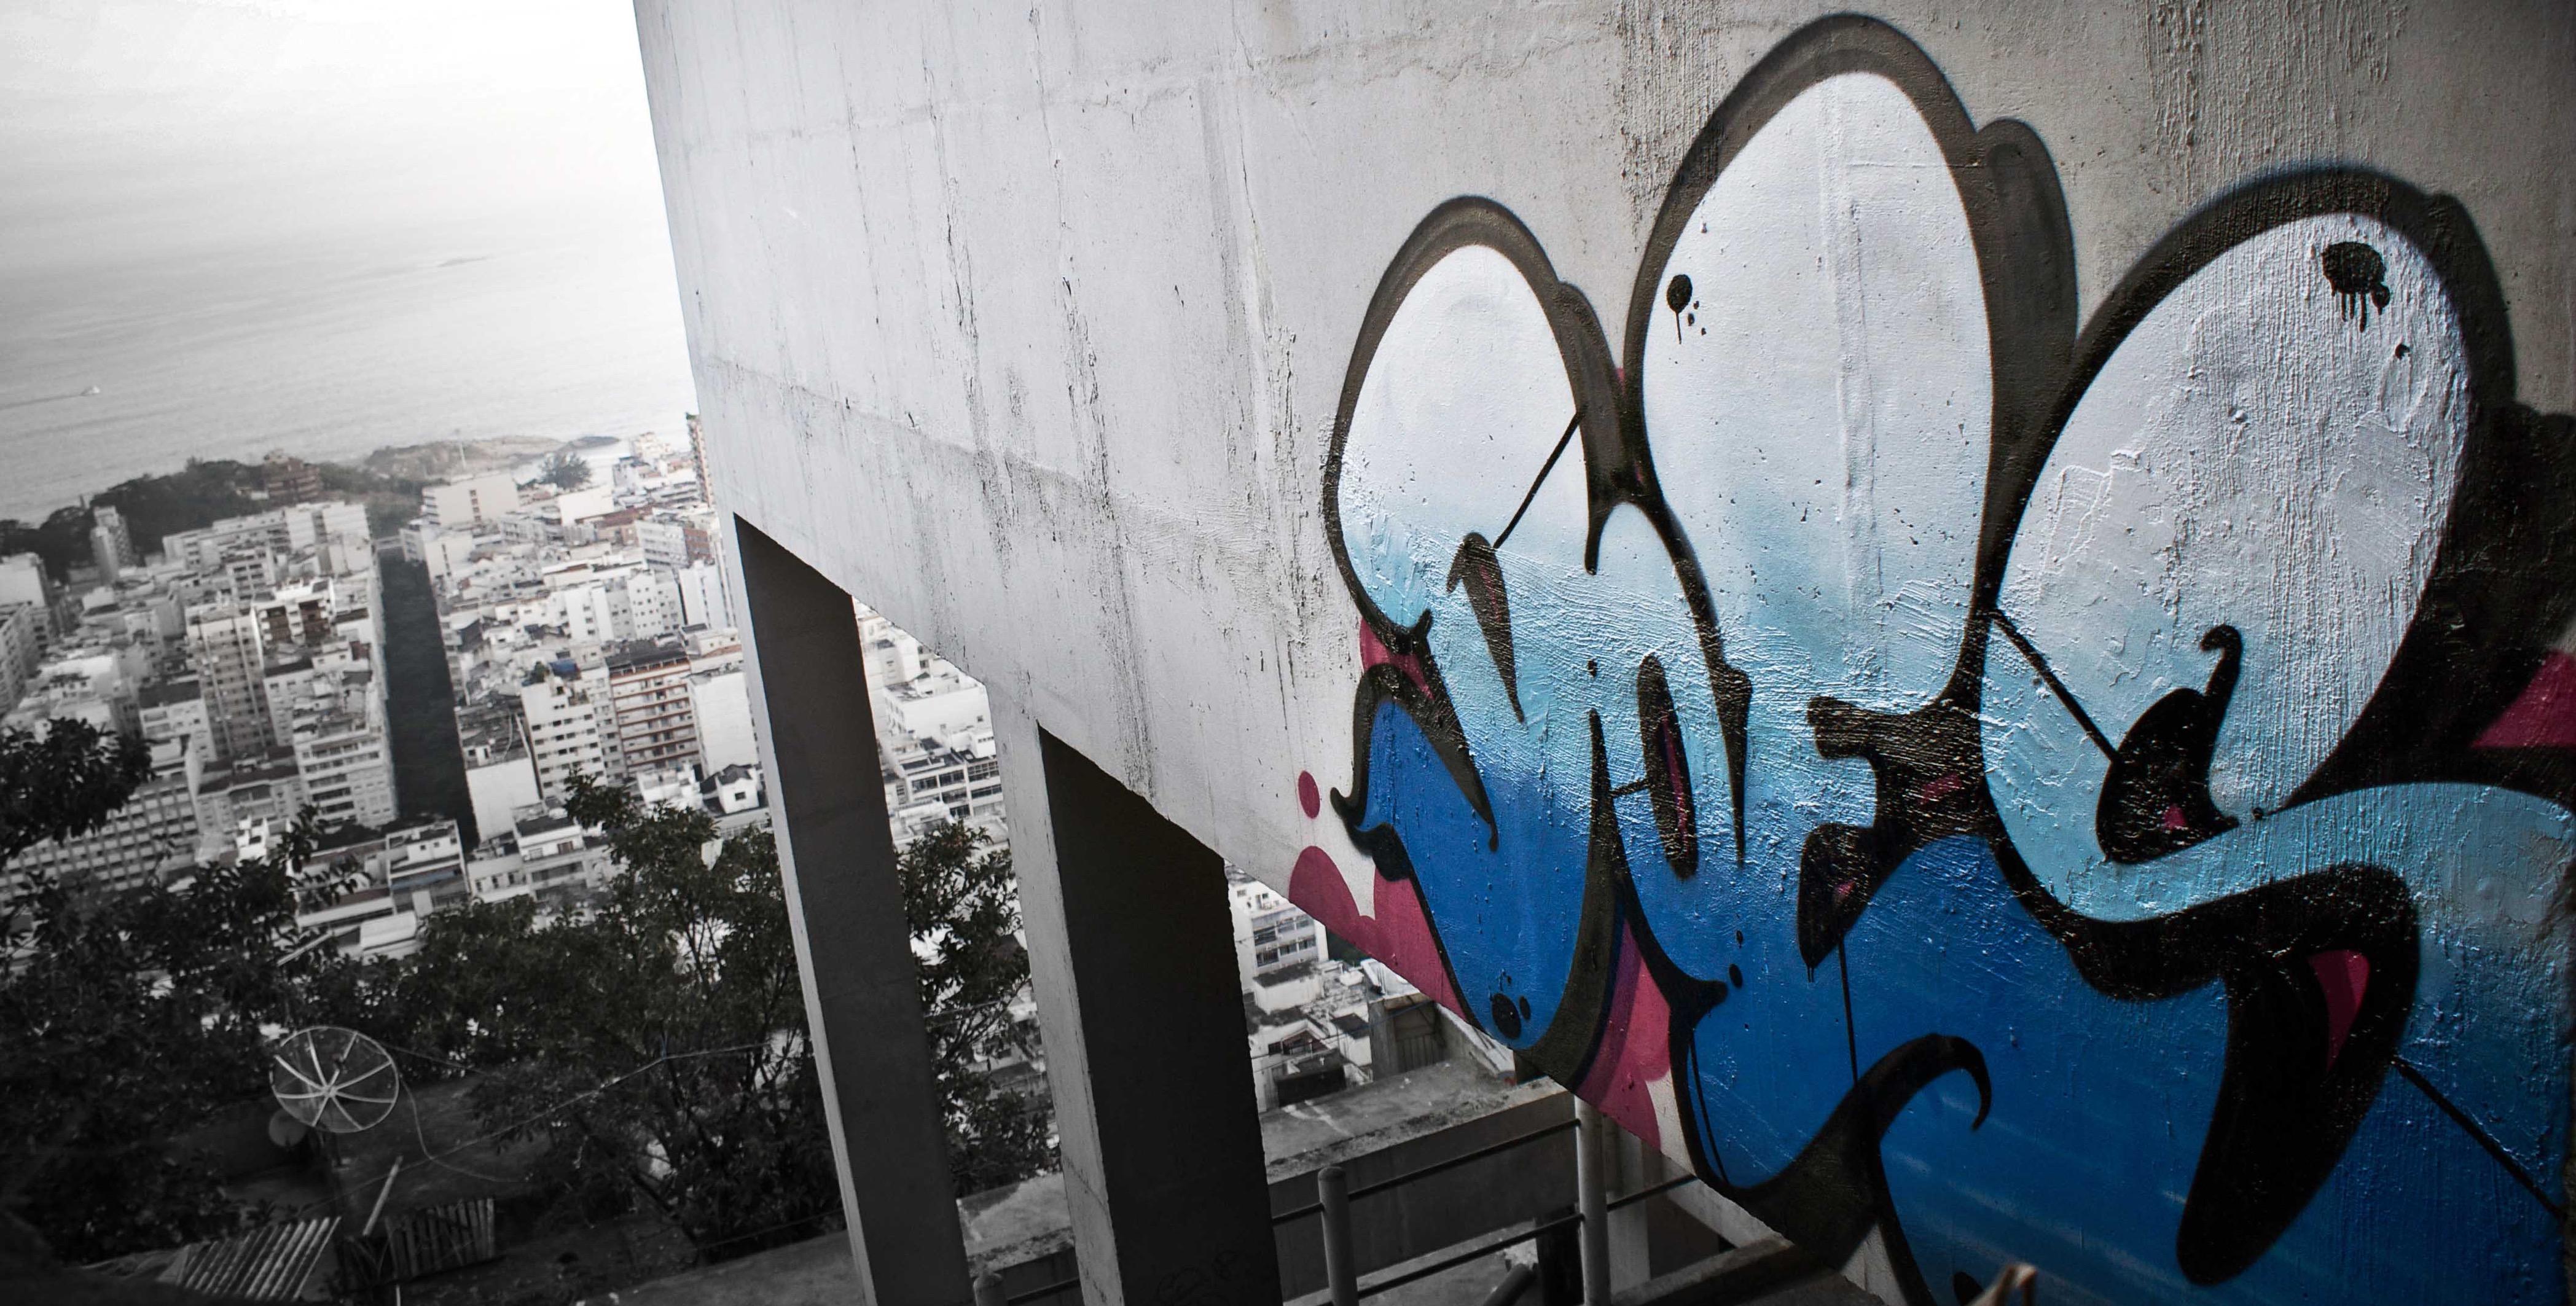 A work by Does - Does favela copacabana rio de Janeiro brazil 2013 2